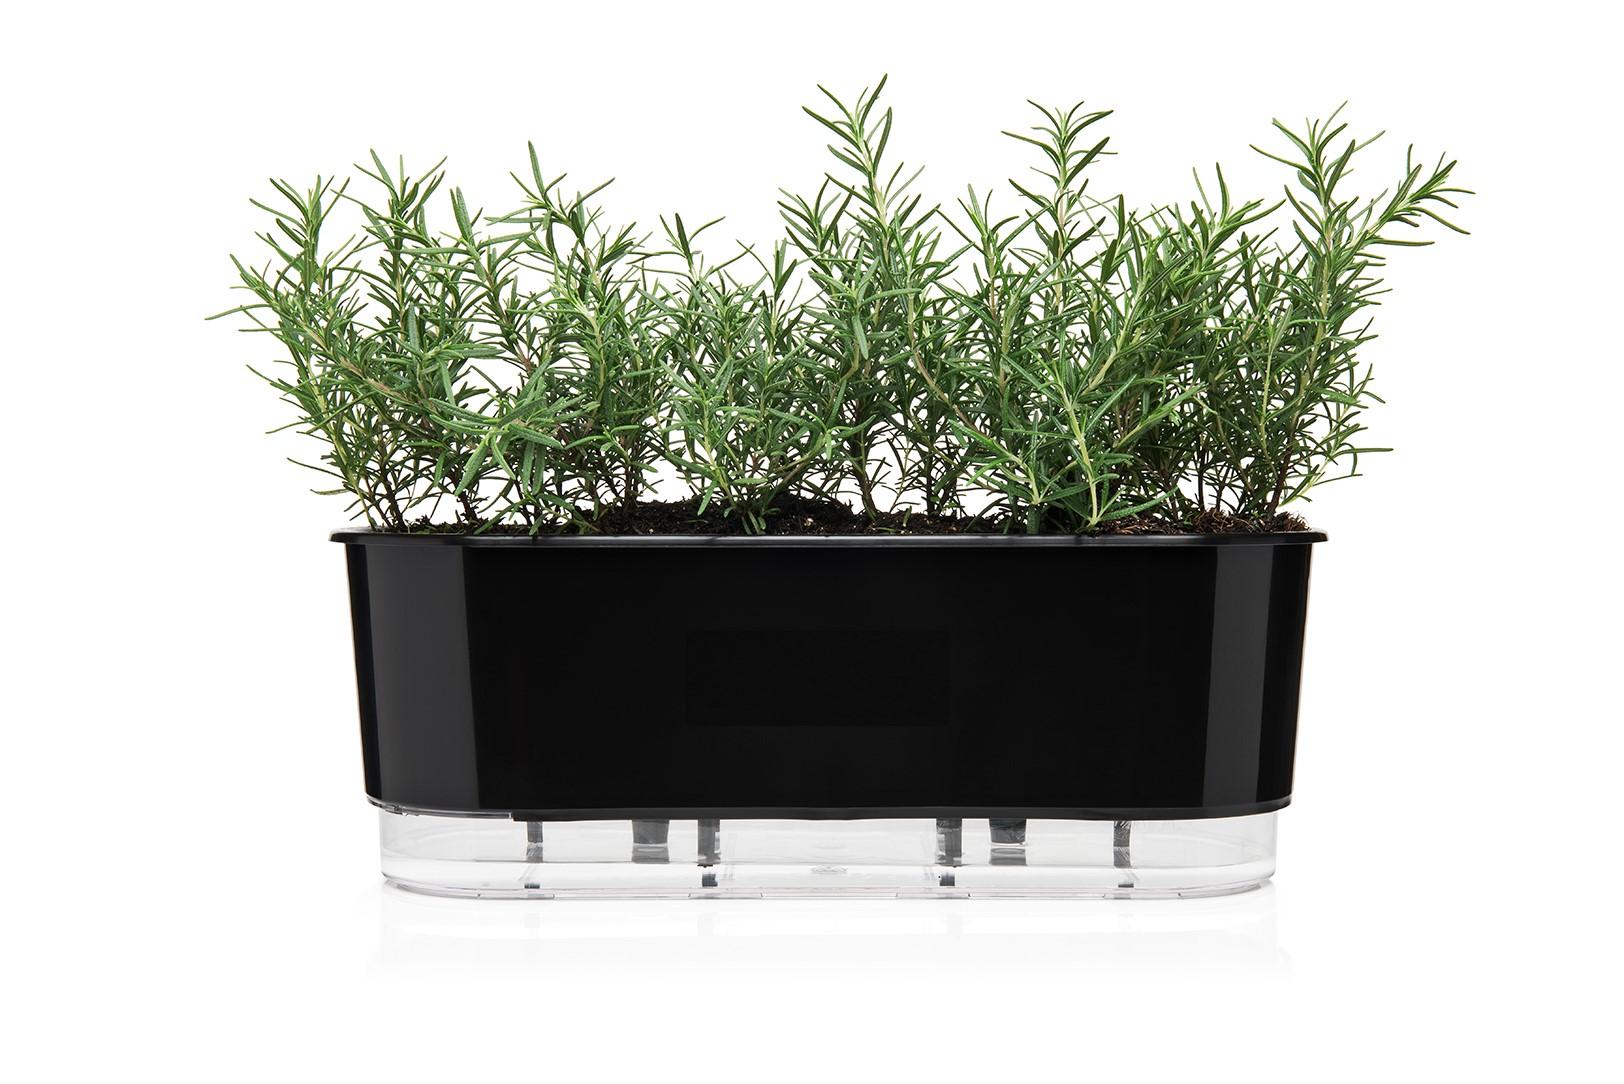 Jardineira Autoirrigável 40cm  - Loja Raiz